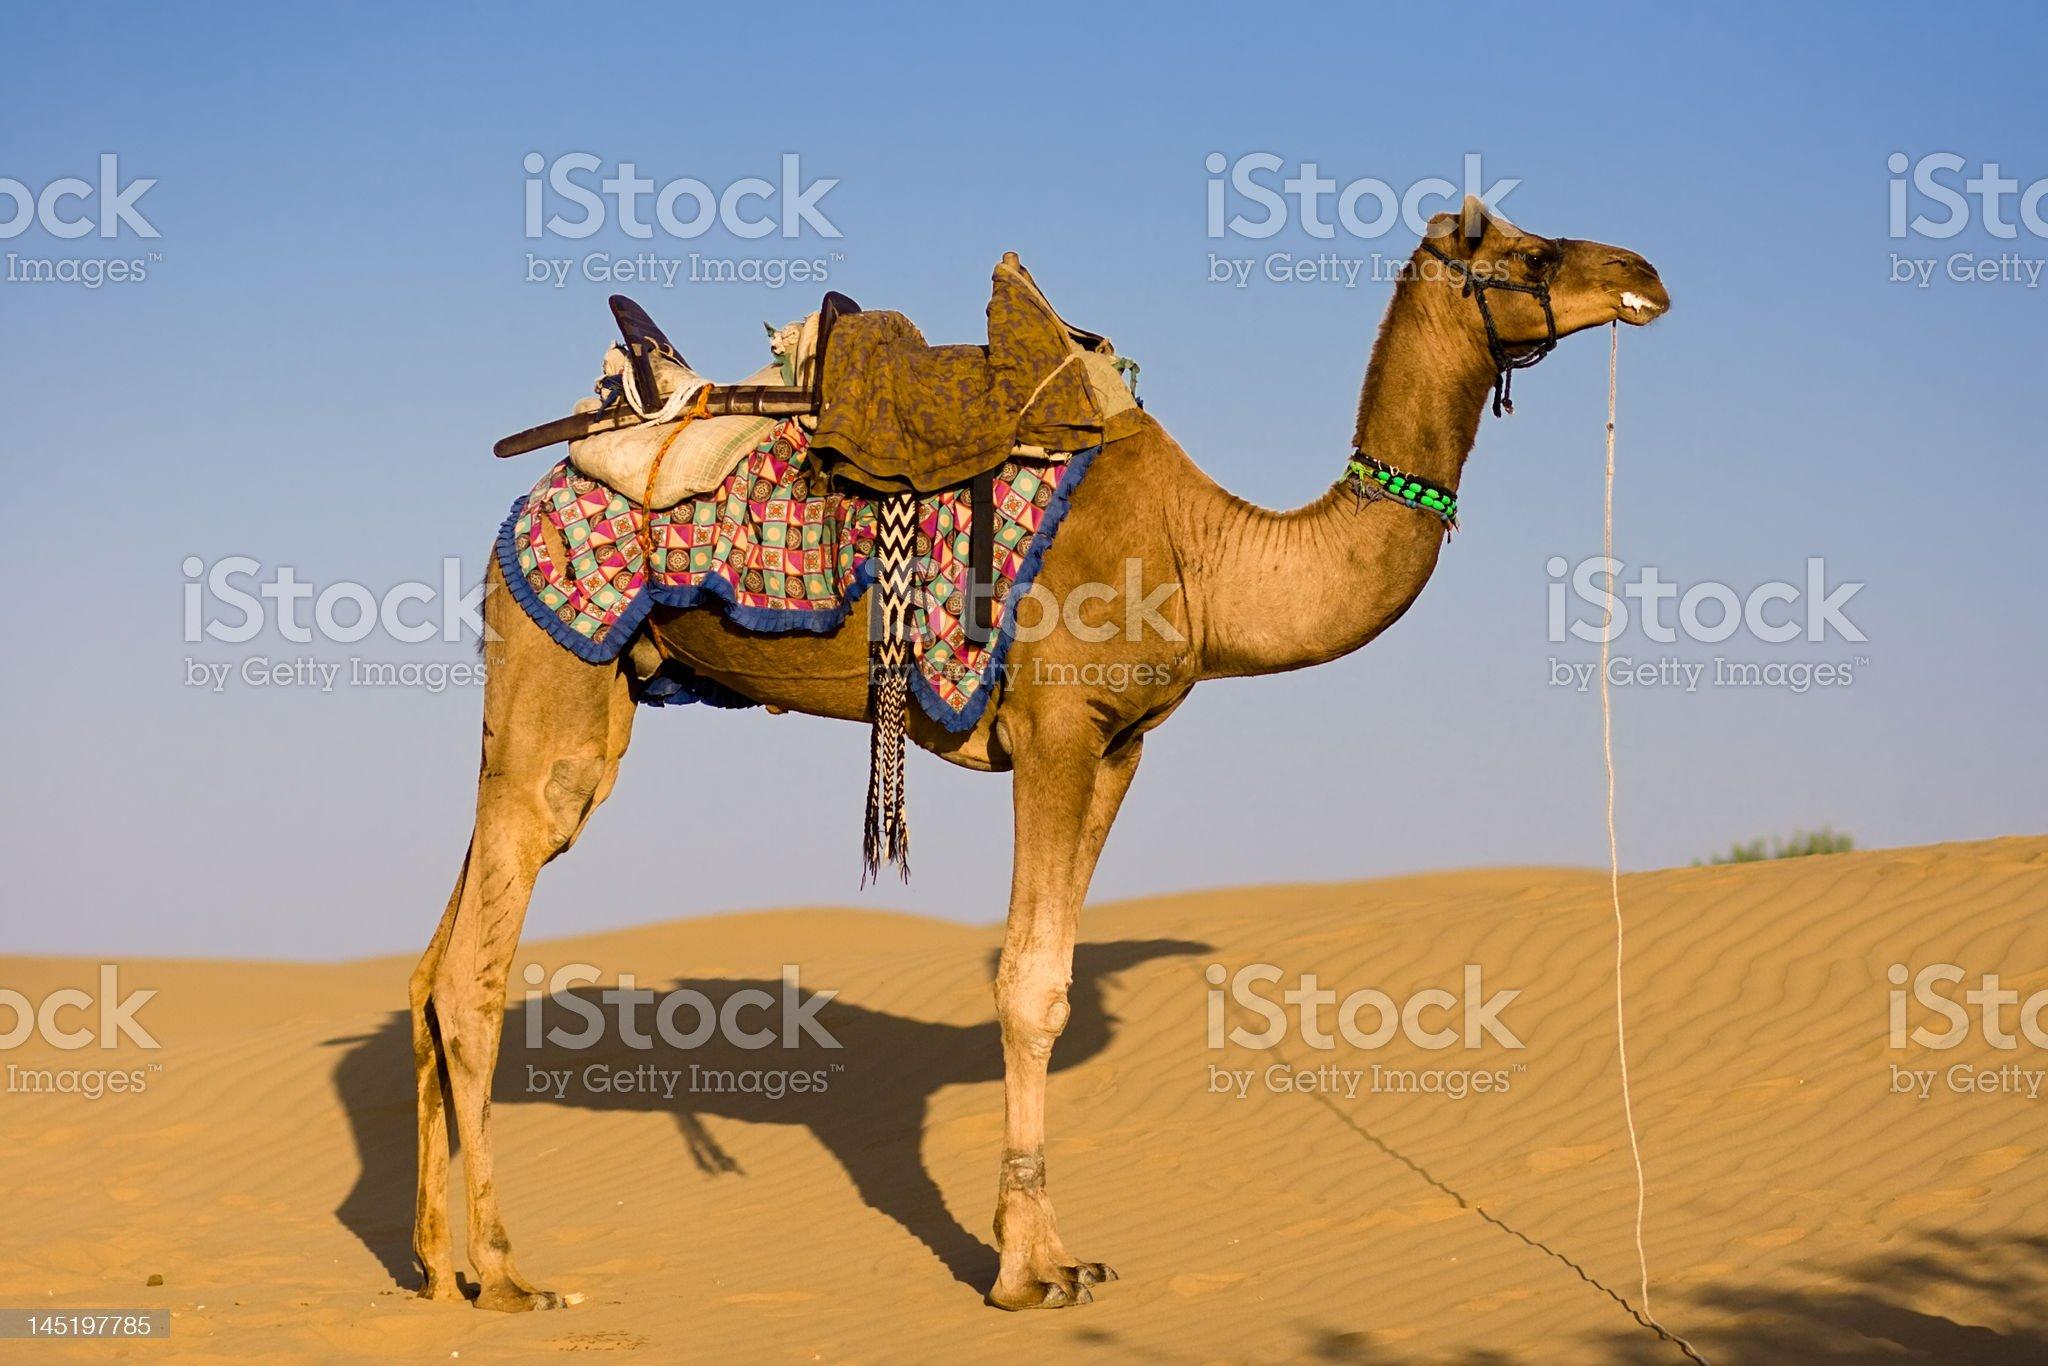 Camel in Thar desert royalty-free stock photo